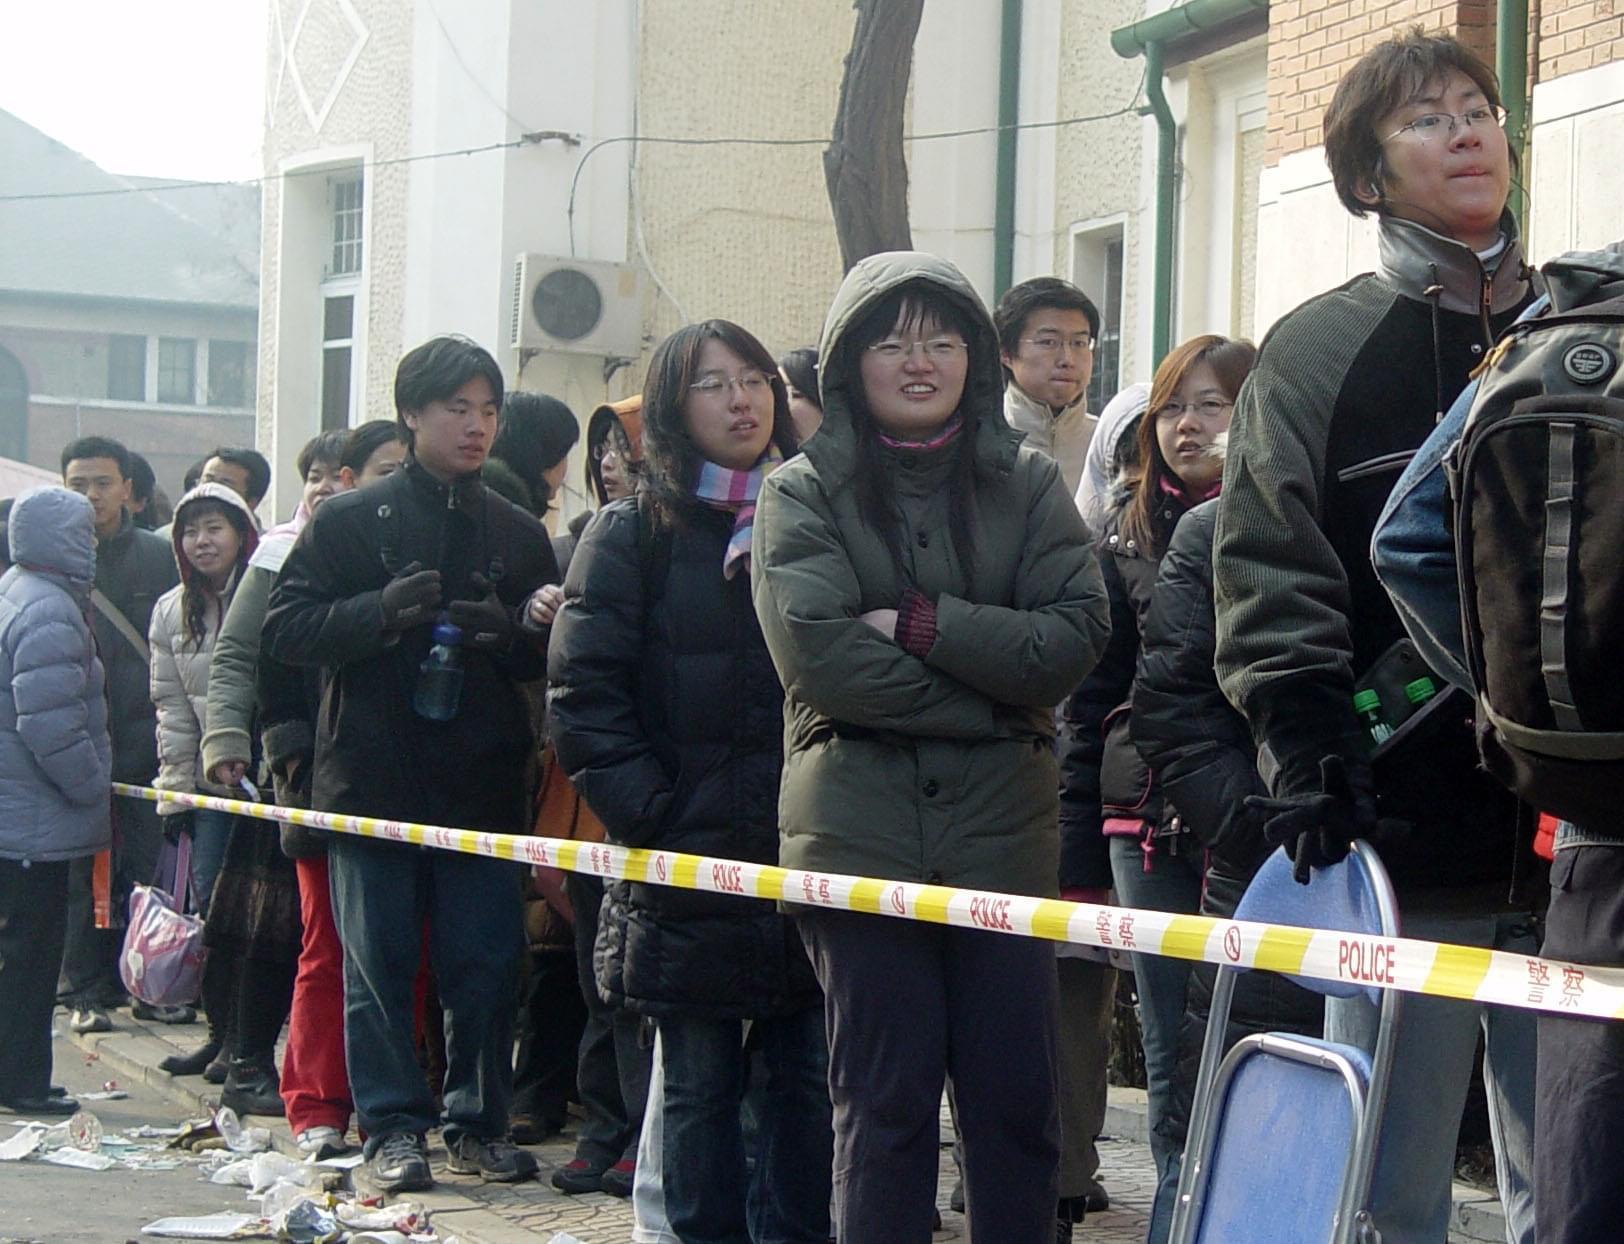 2006年2月20日清晨,天津外院内,一大早便有数千人排队报名托福考试。/CFP